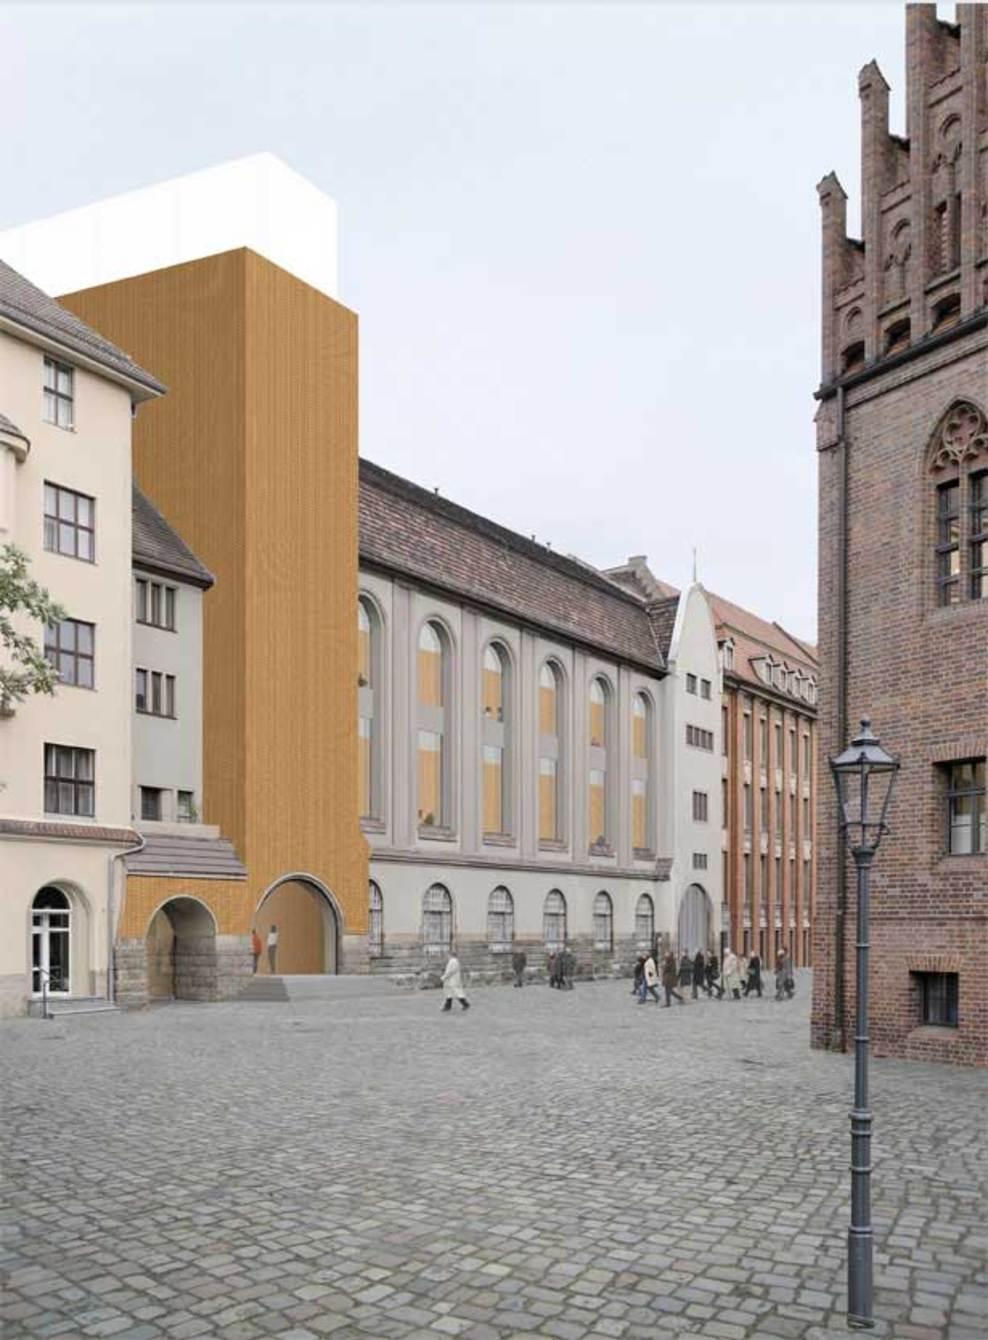 KUEHN MALVEZZI · Stadtmuseum Berlin im Marinehaus · Divisare